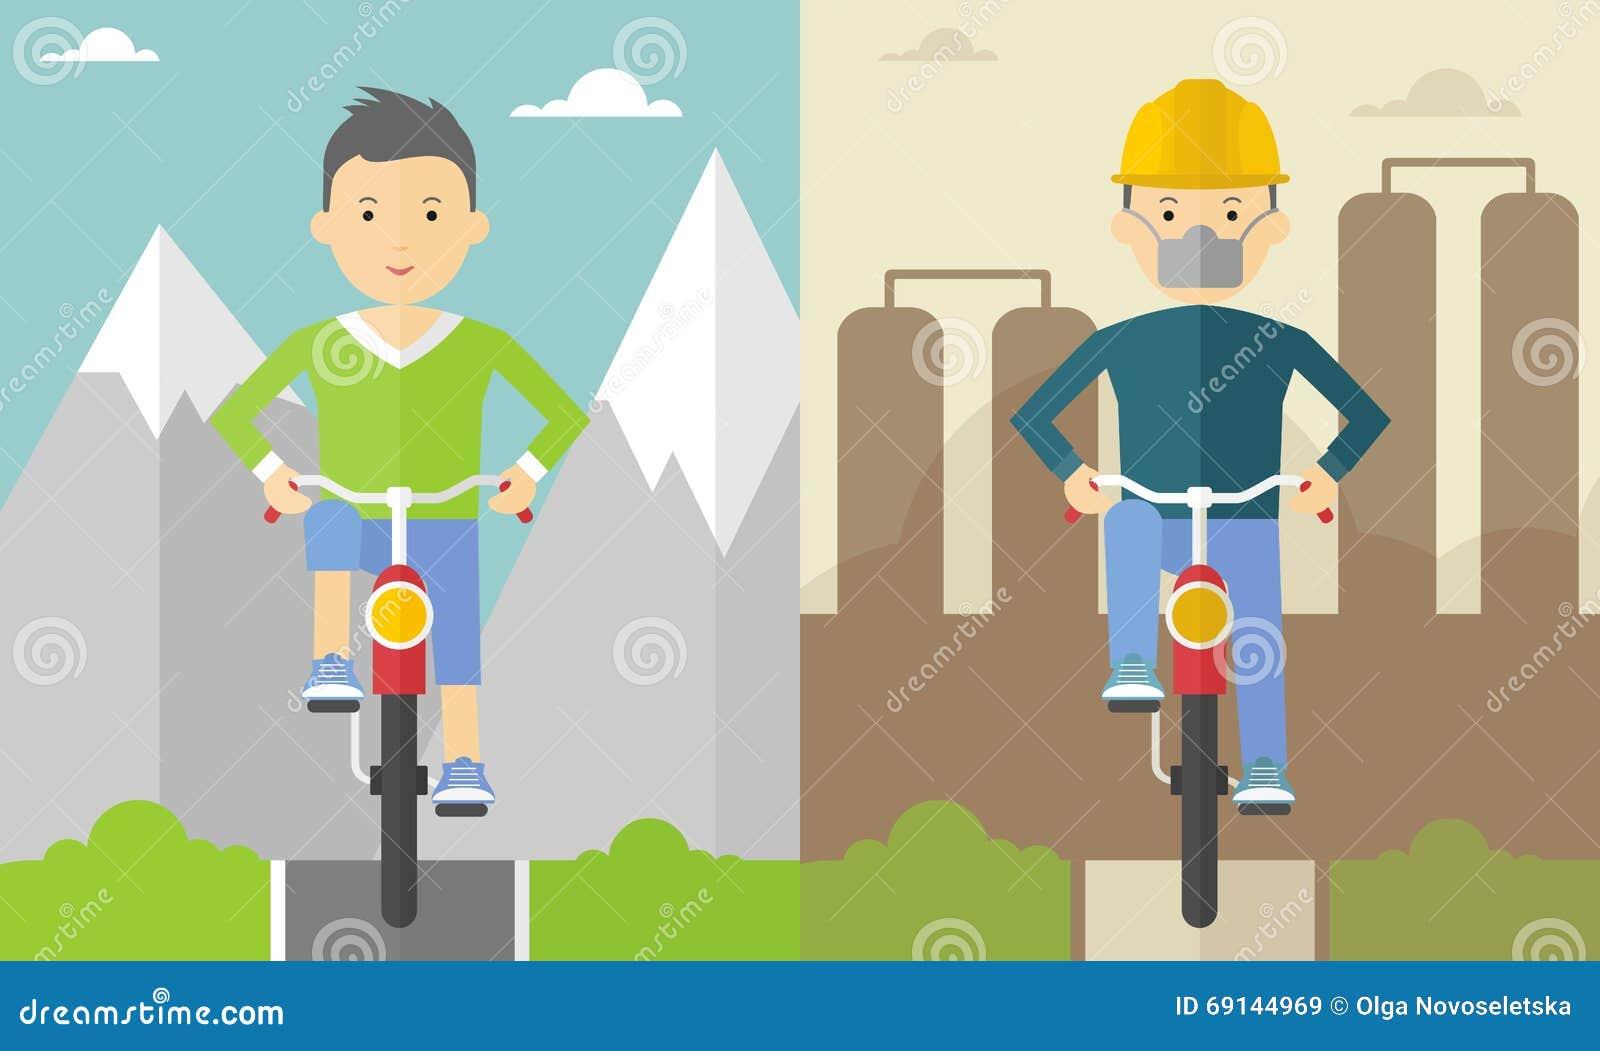 Велосипедист в горах и в городе